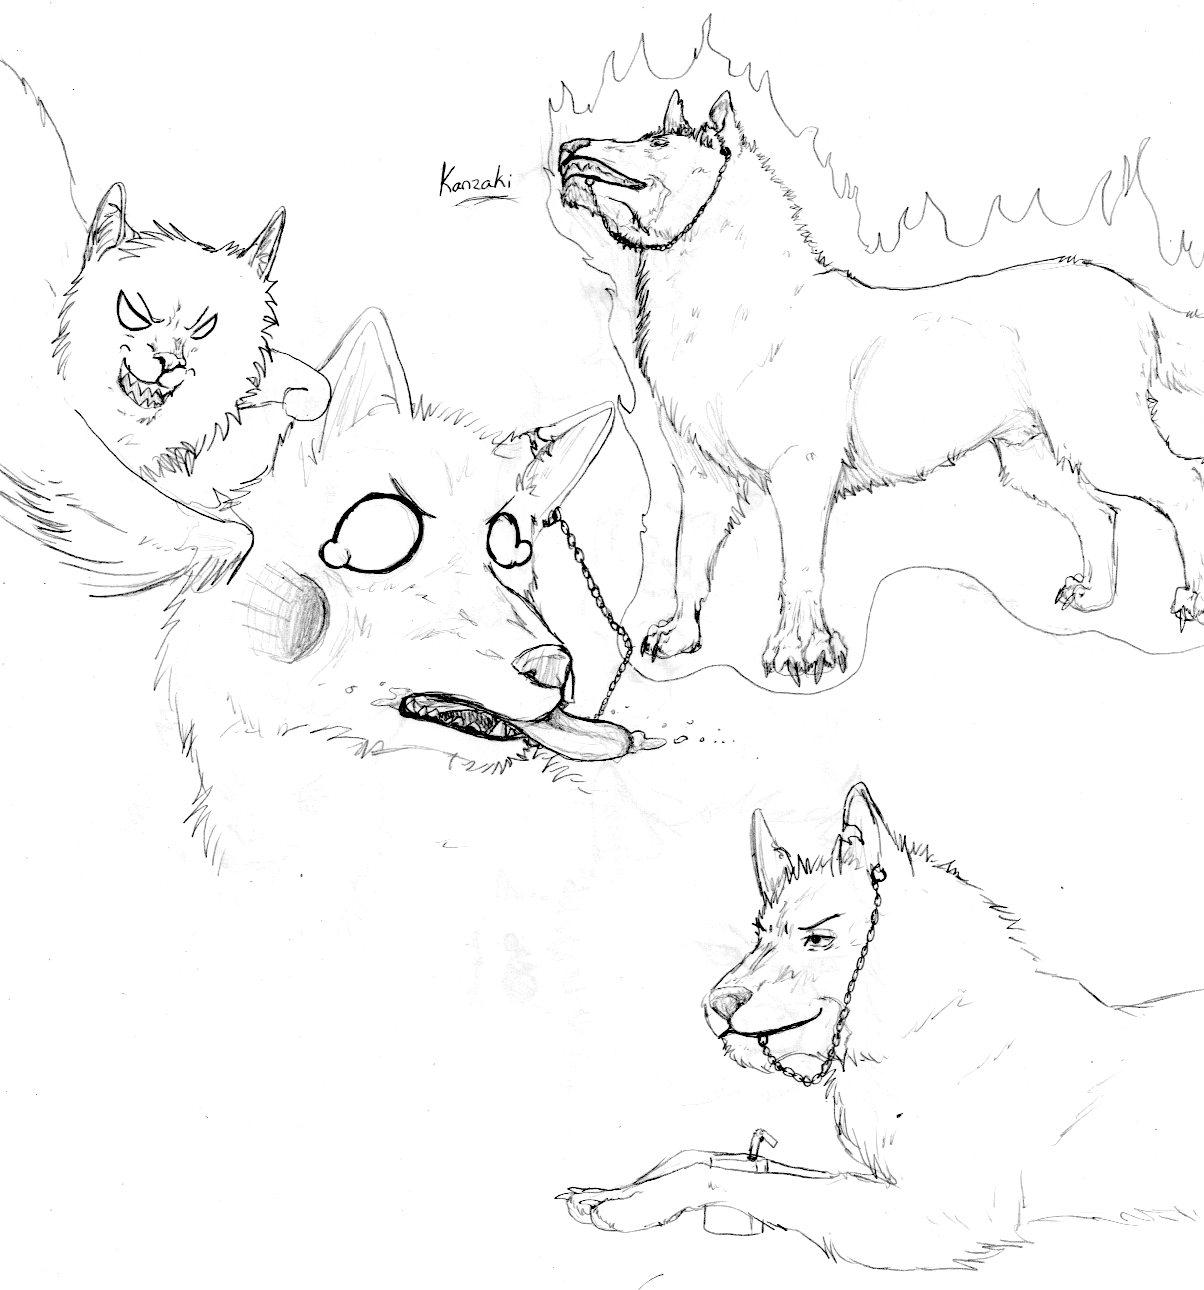 Kanzaki Dog by nightwindwolf95